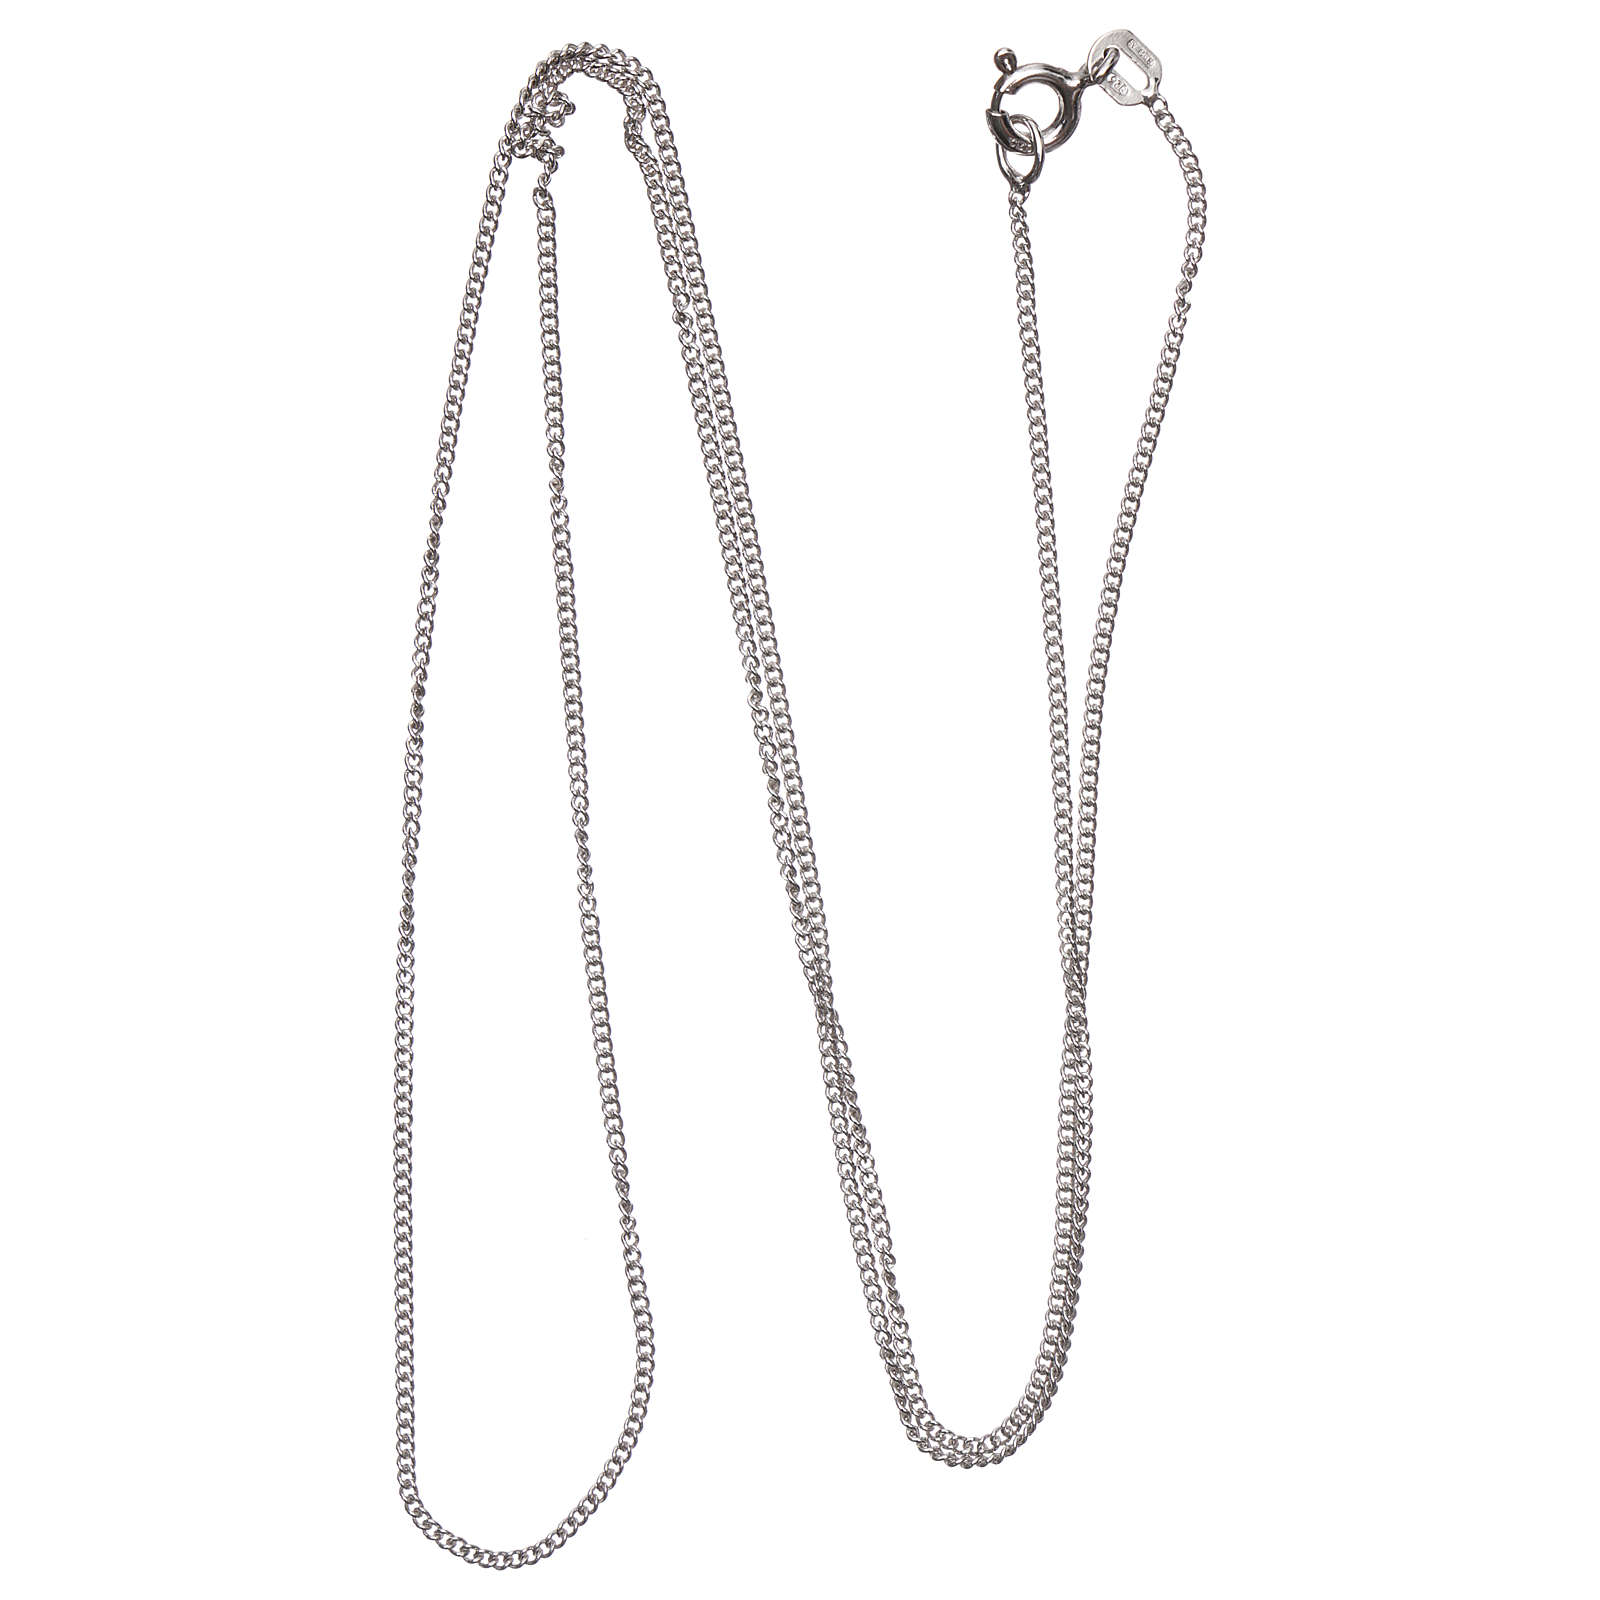 Łańcuszek groumette srebro 925 rodowane 50 cm długości 4